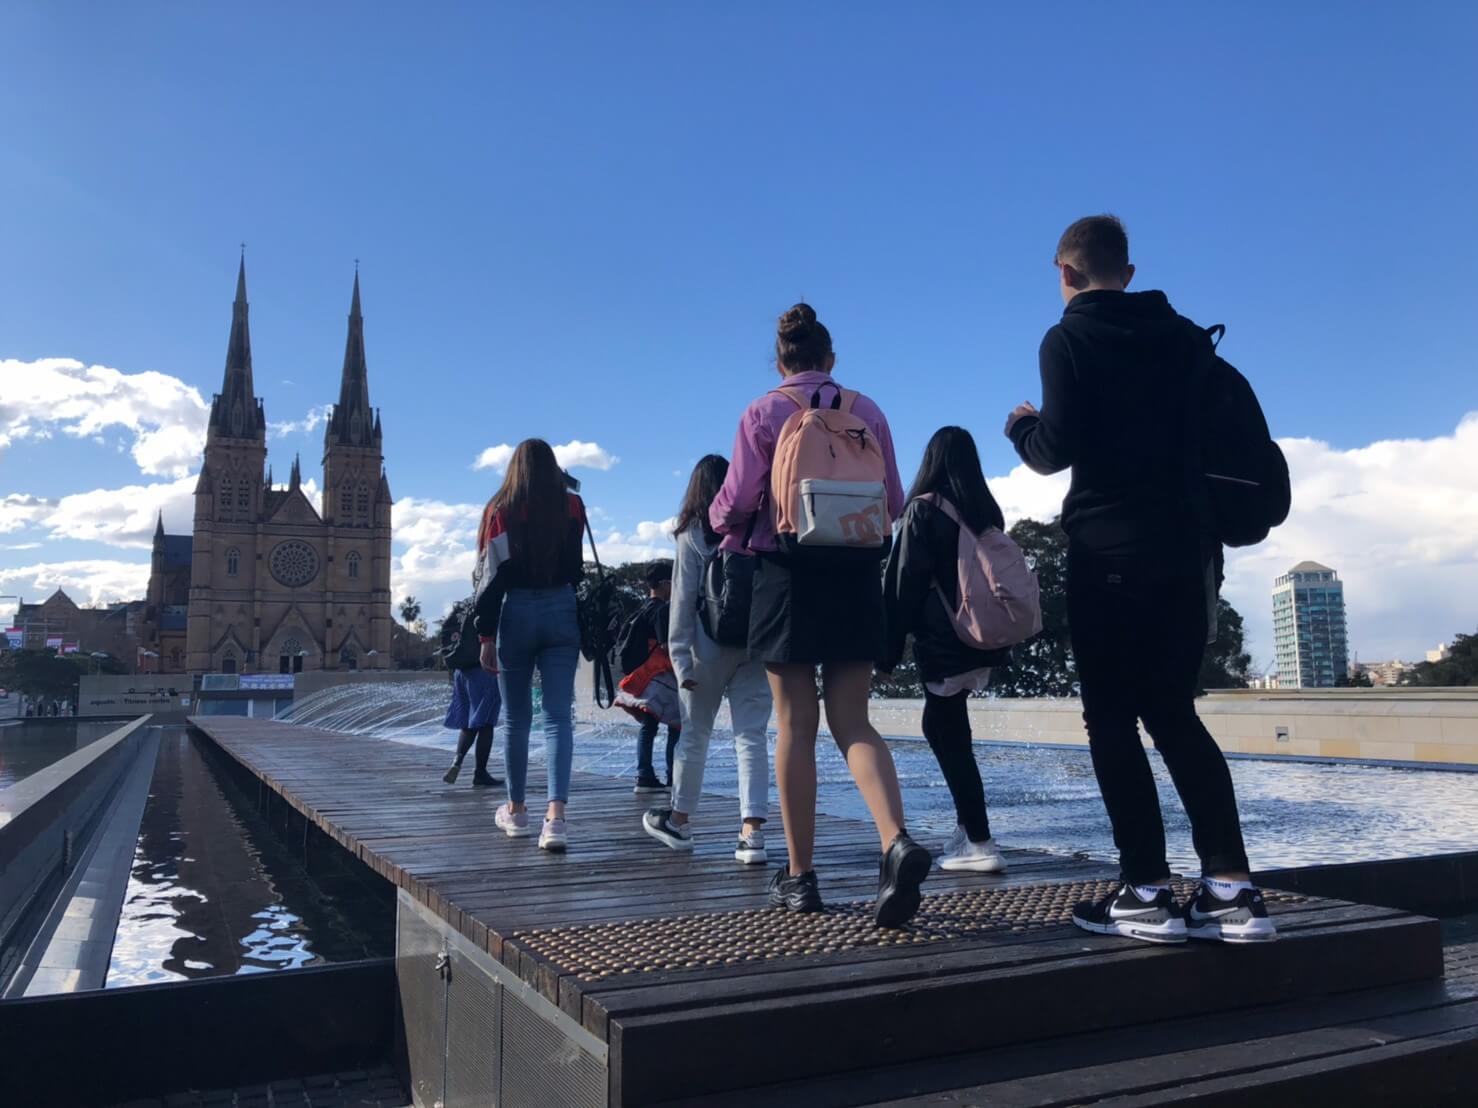 【オーストラリア】国際色豊かなシドニーで、思い出に残るジュニアサマーキャンプ